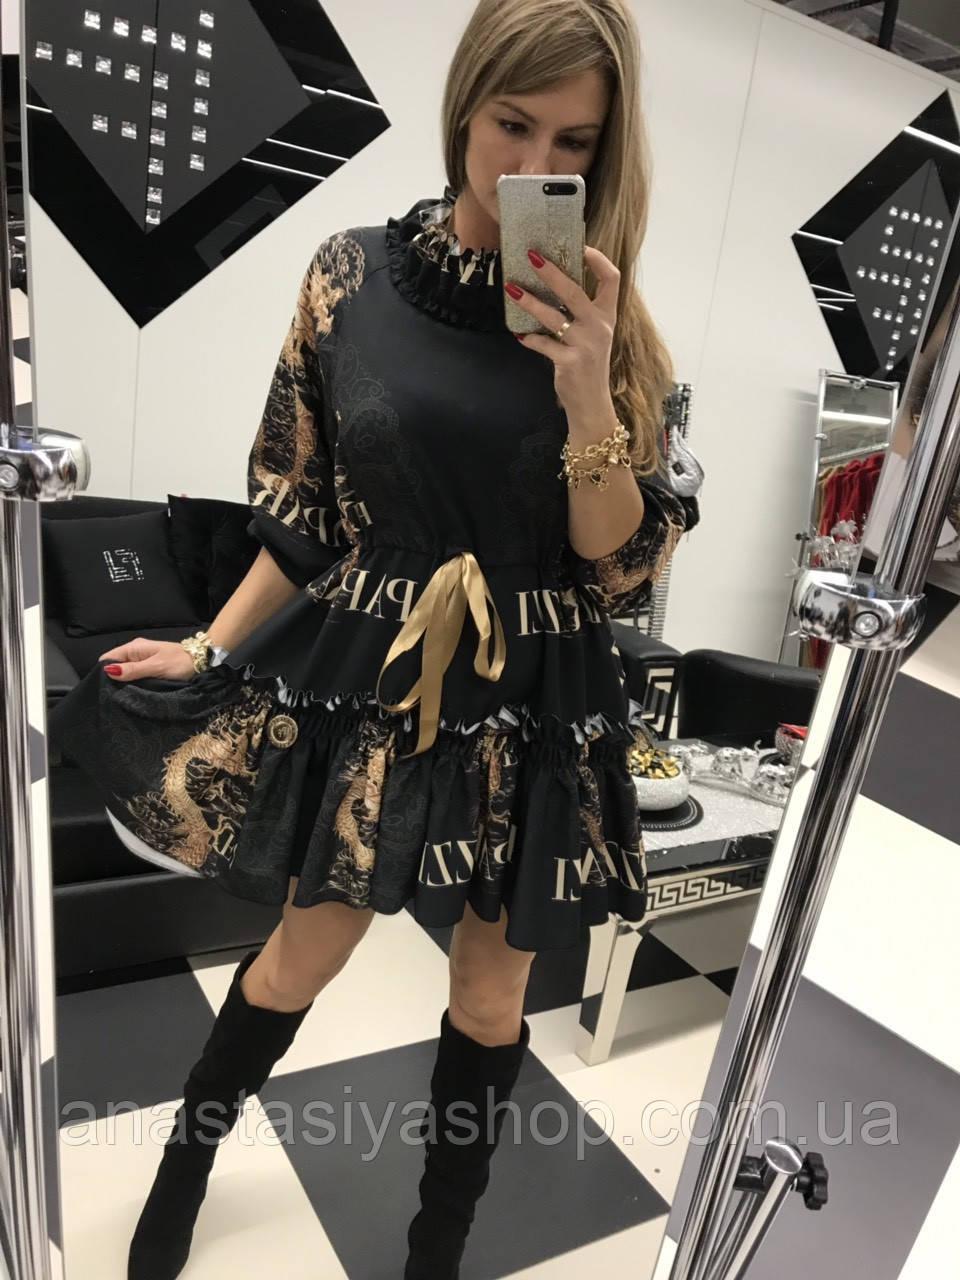 Нарядное платье от бренда paparazzi fashion